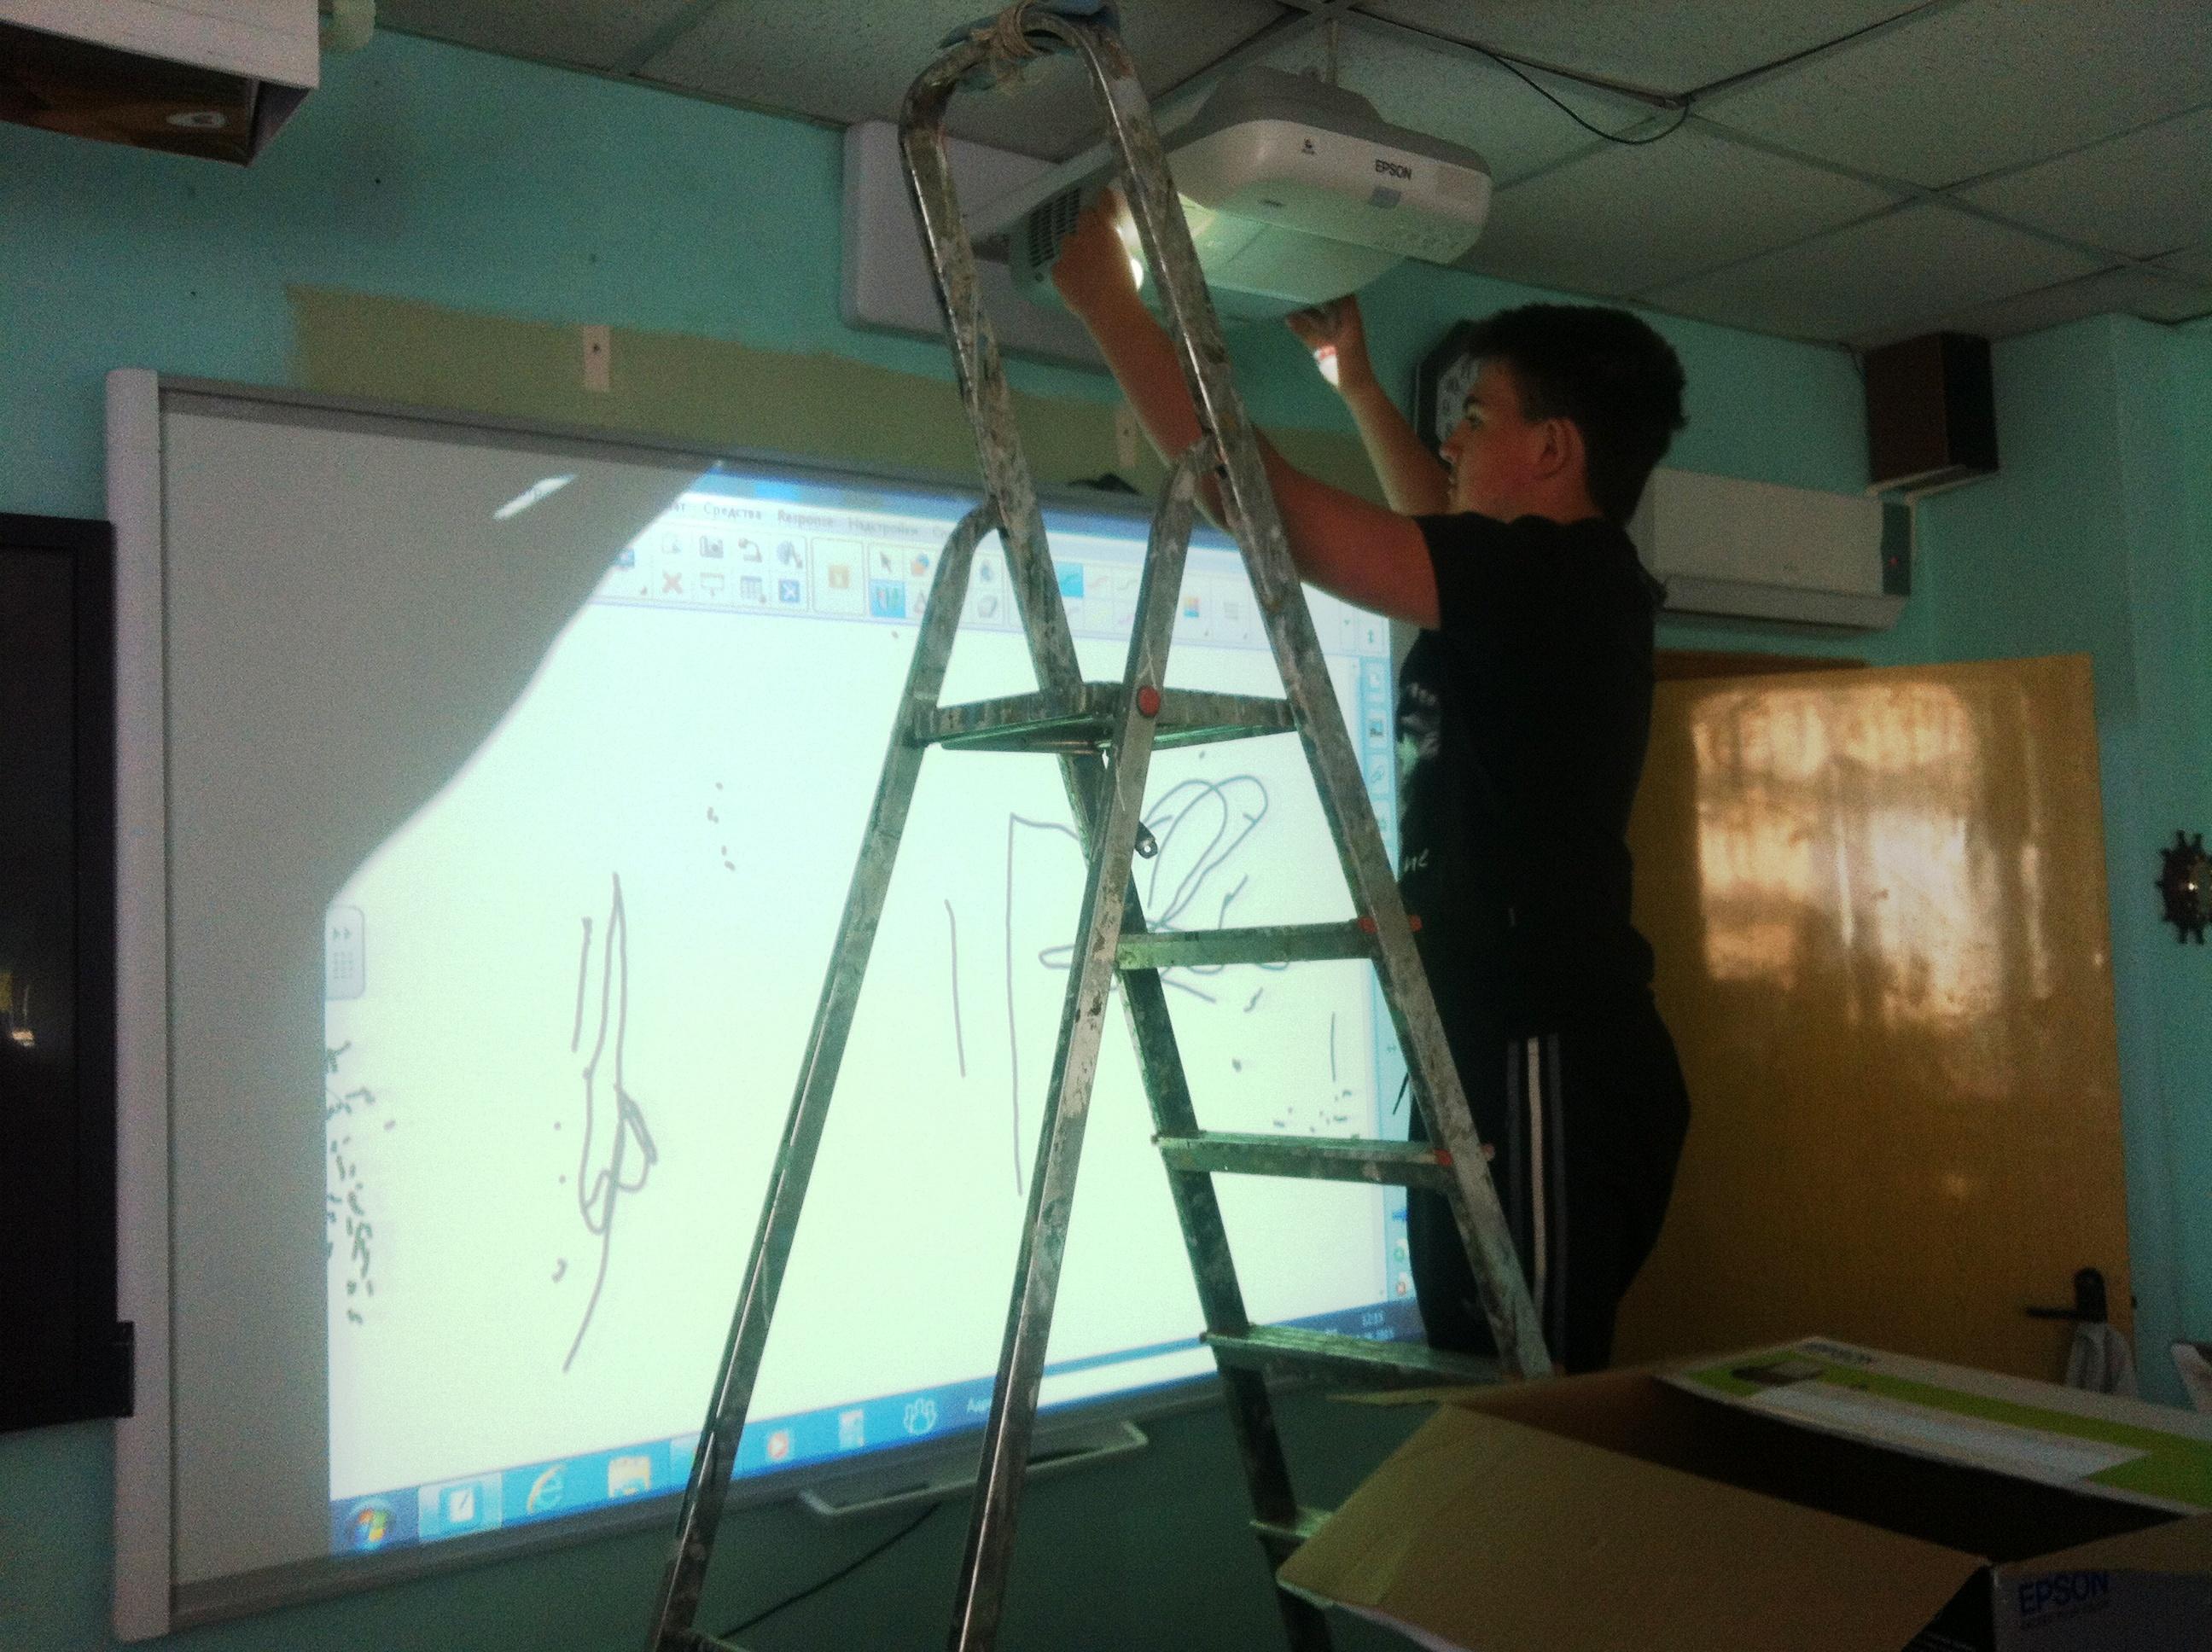 Замена мультимедийного оборудования в кабинете физики